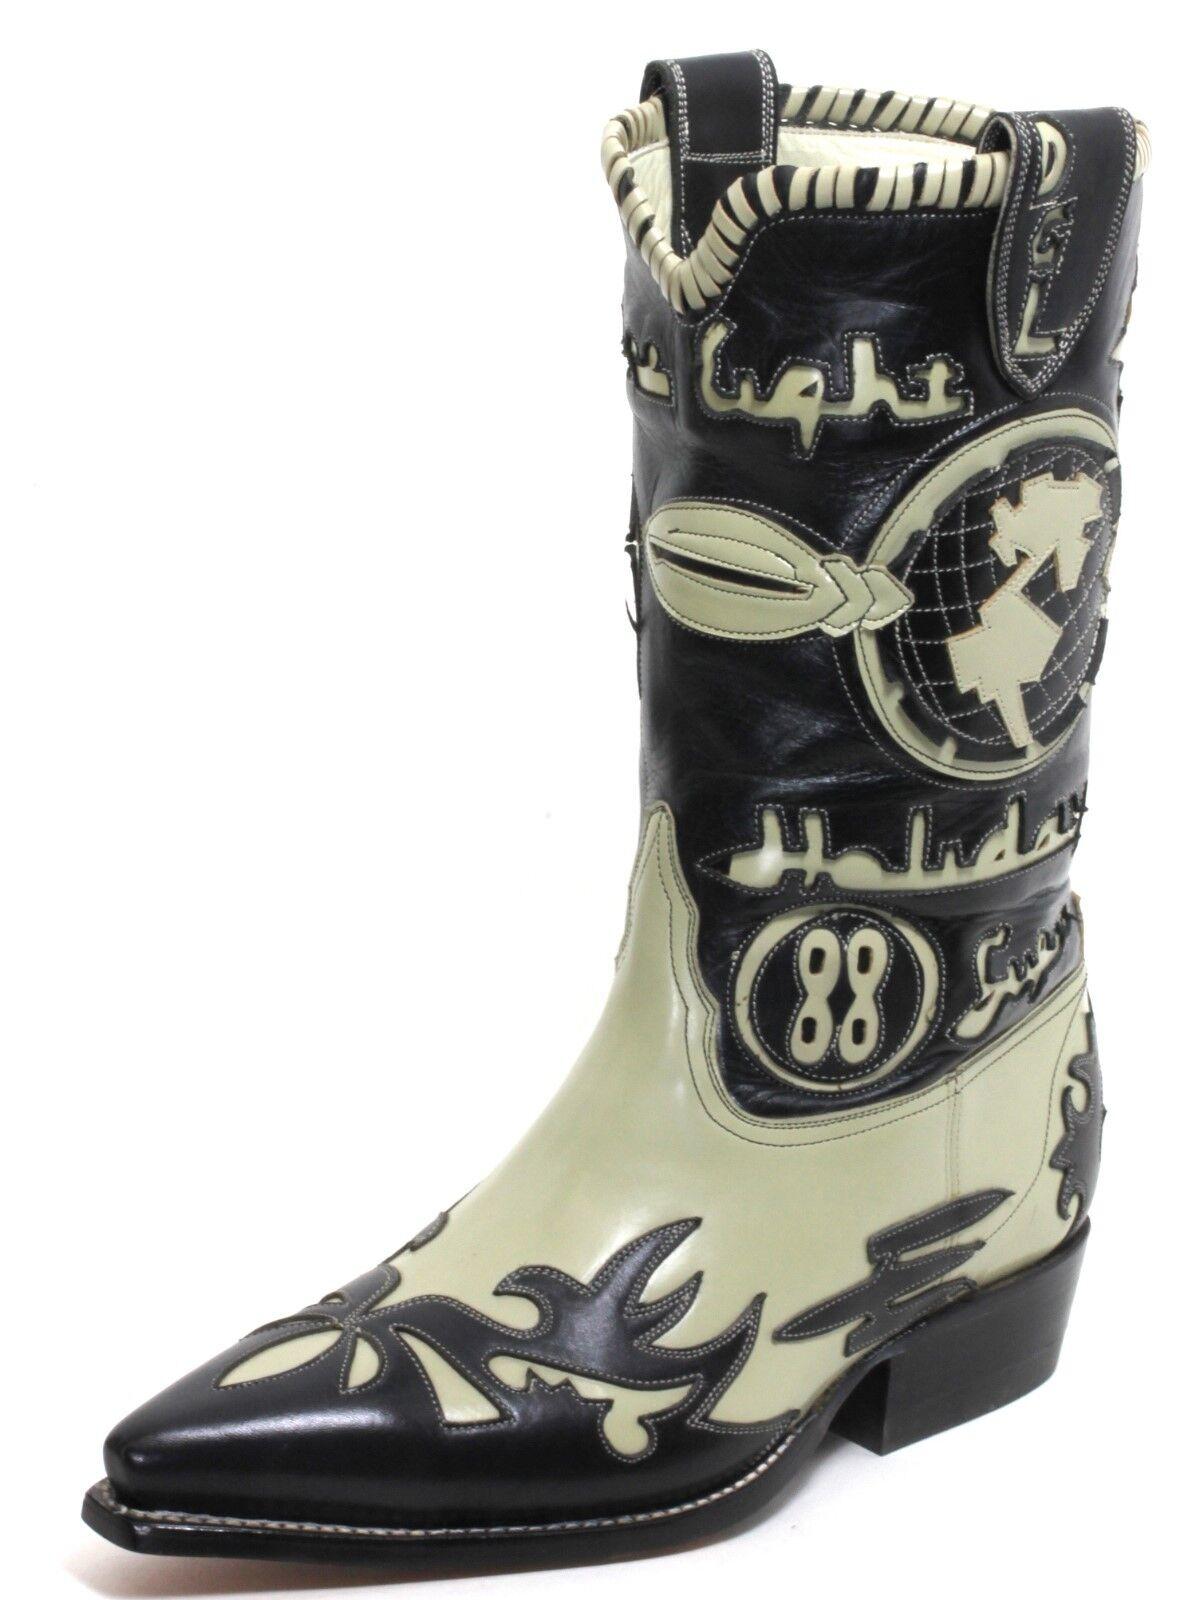 79 Cowboystiefel Westernstiefel Texas Stiefel Leder Catalan Style El Canelo 43